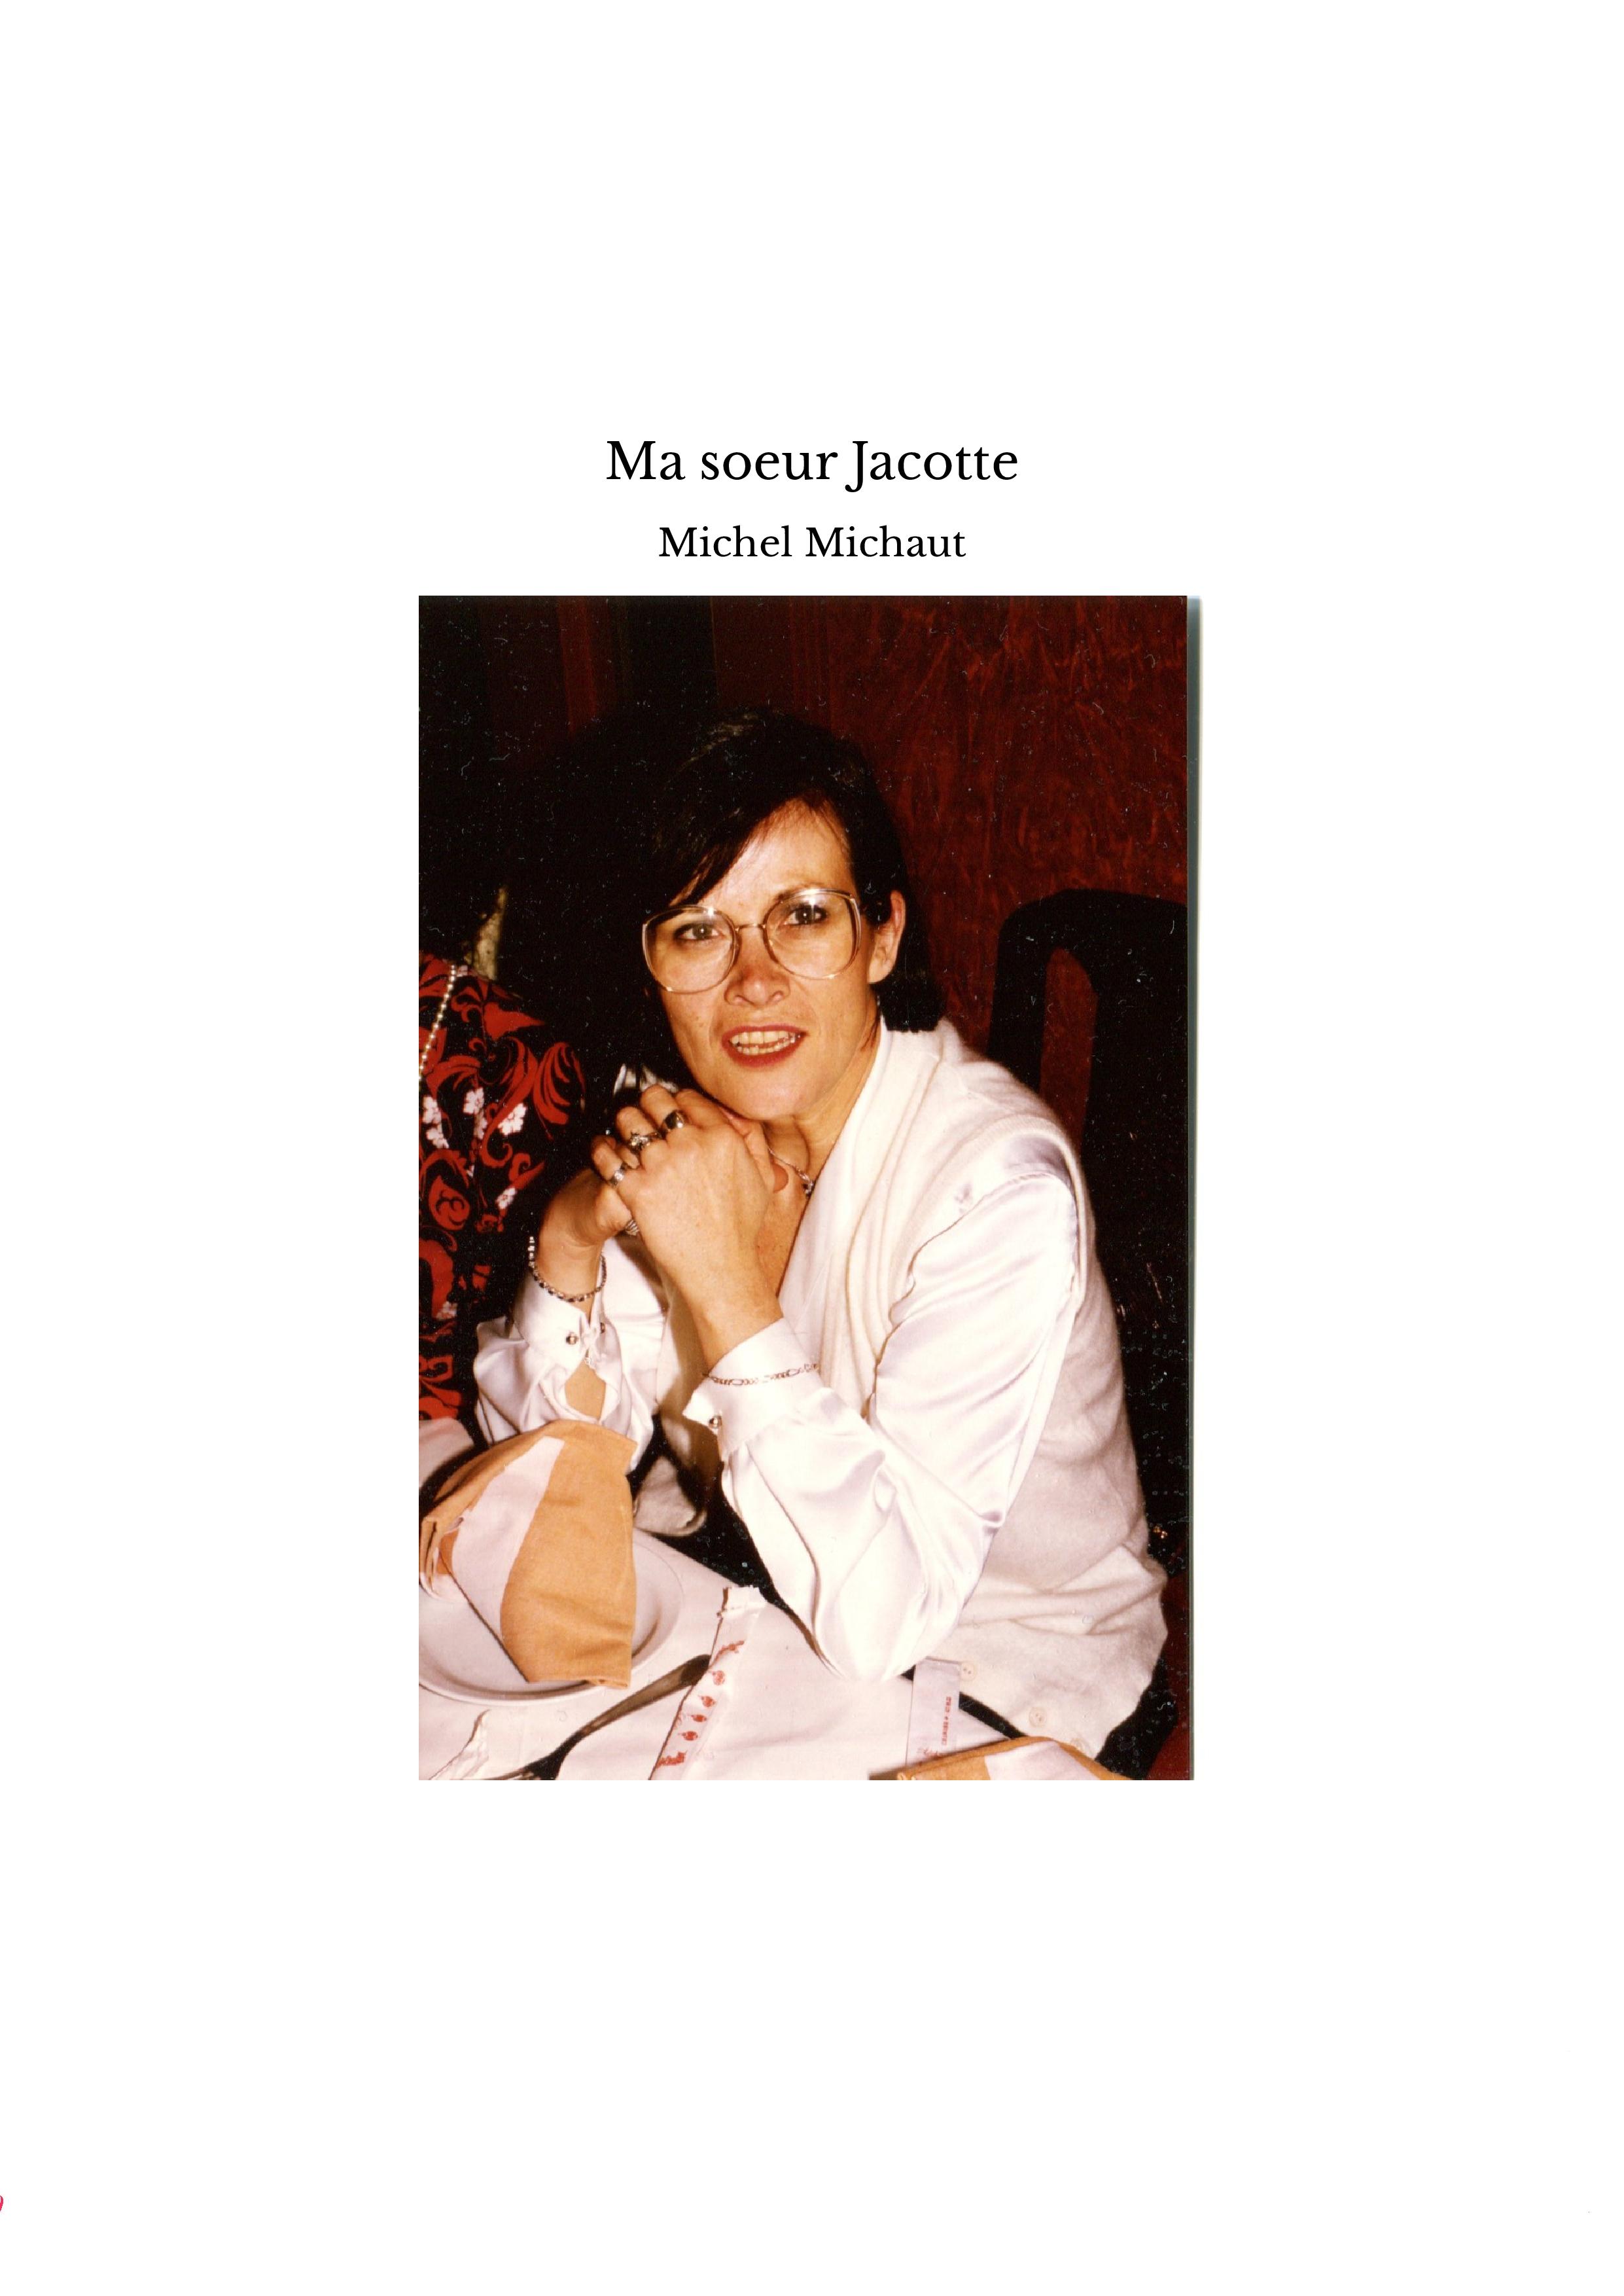 Ma soeur Jacotte